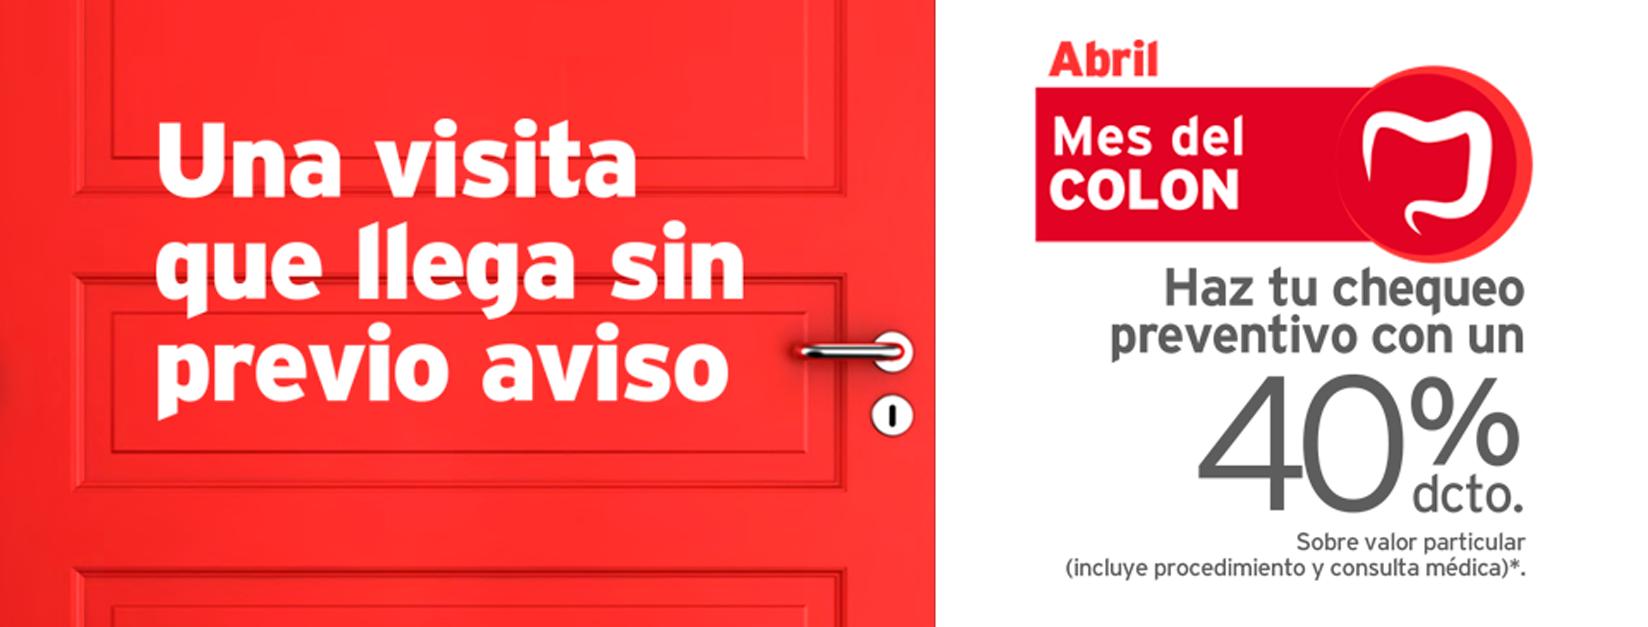 Mes del Colon: el cáncer de colon y recto no avisa - Abril | Clínica ...